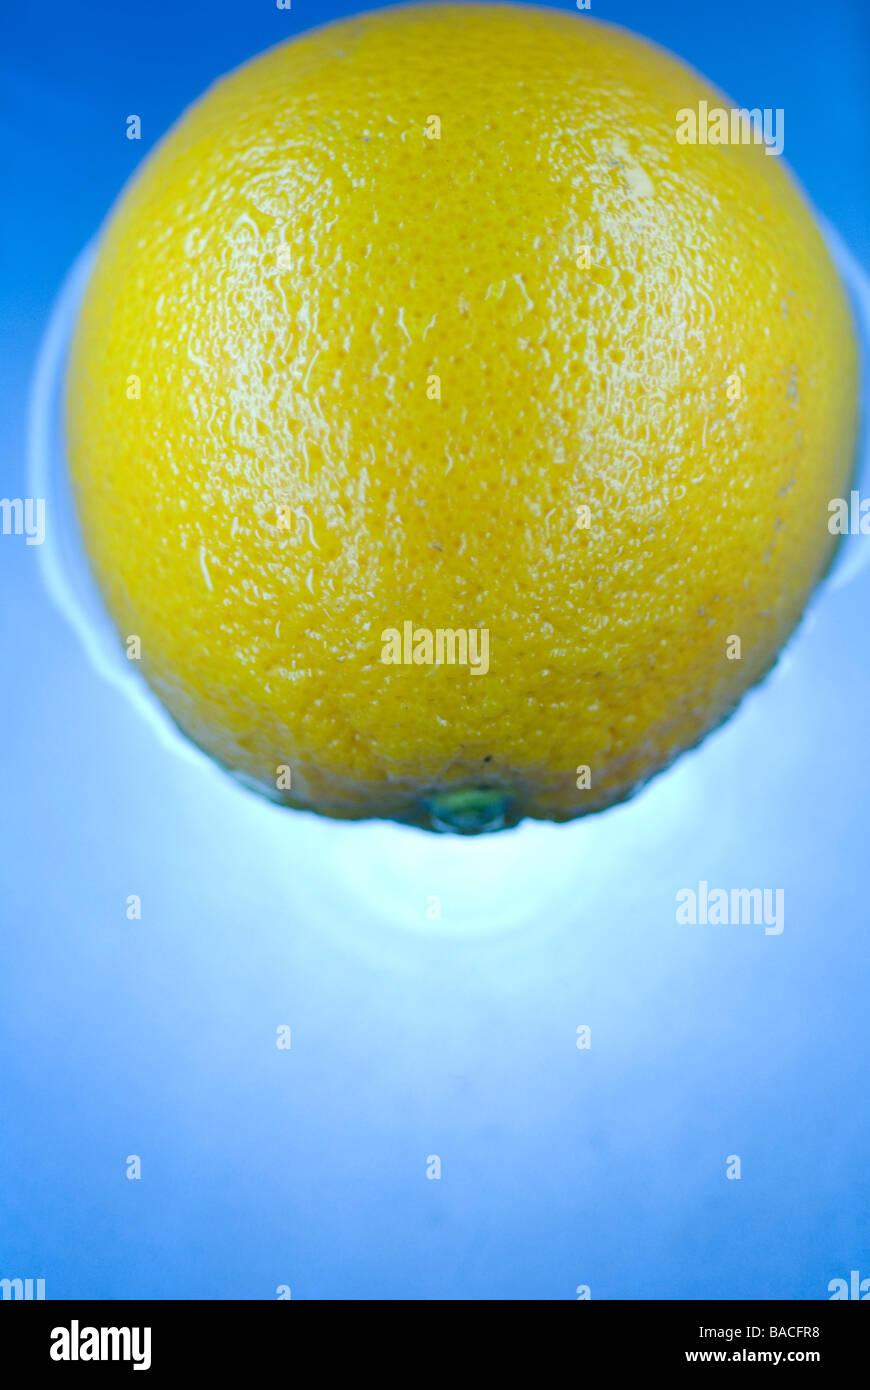 Limón flotando en el agua azul, fondo de cerca Imagen De Stock